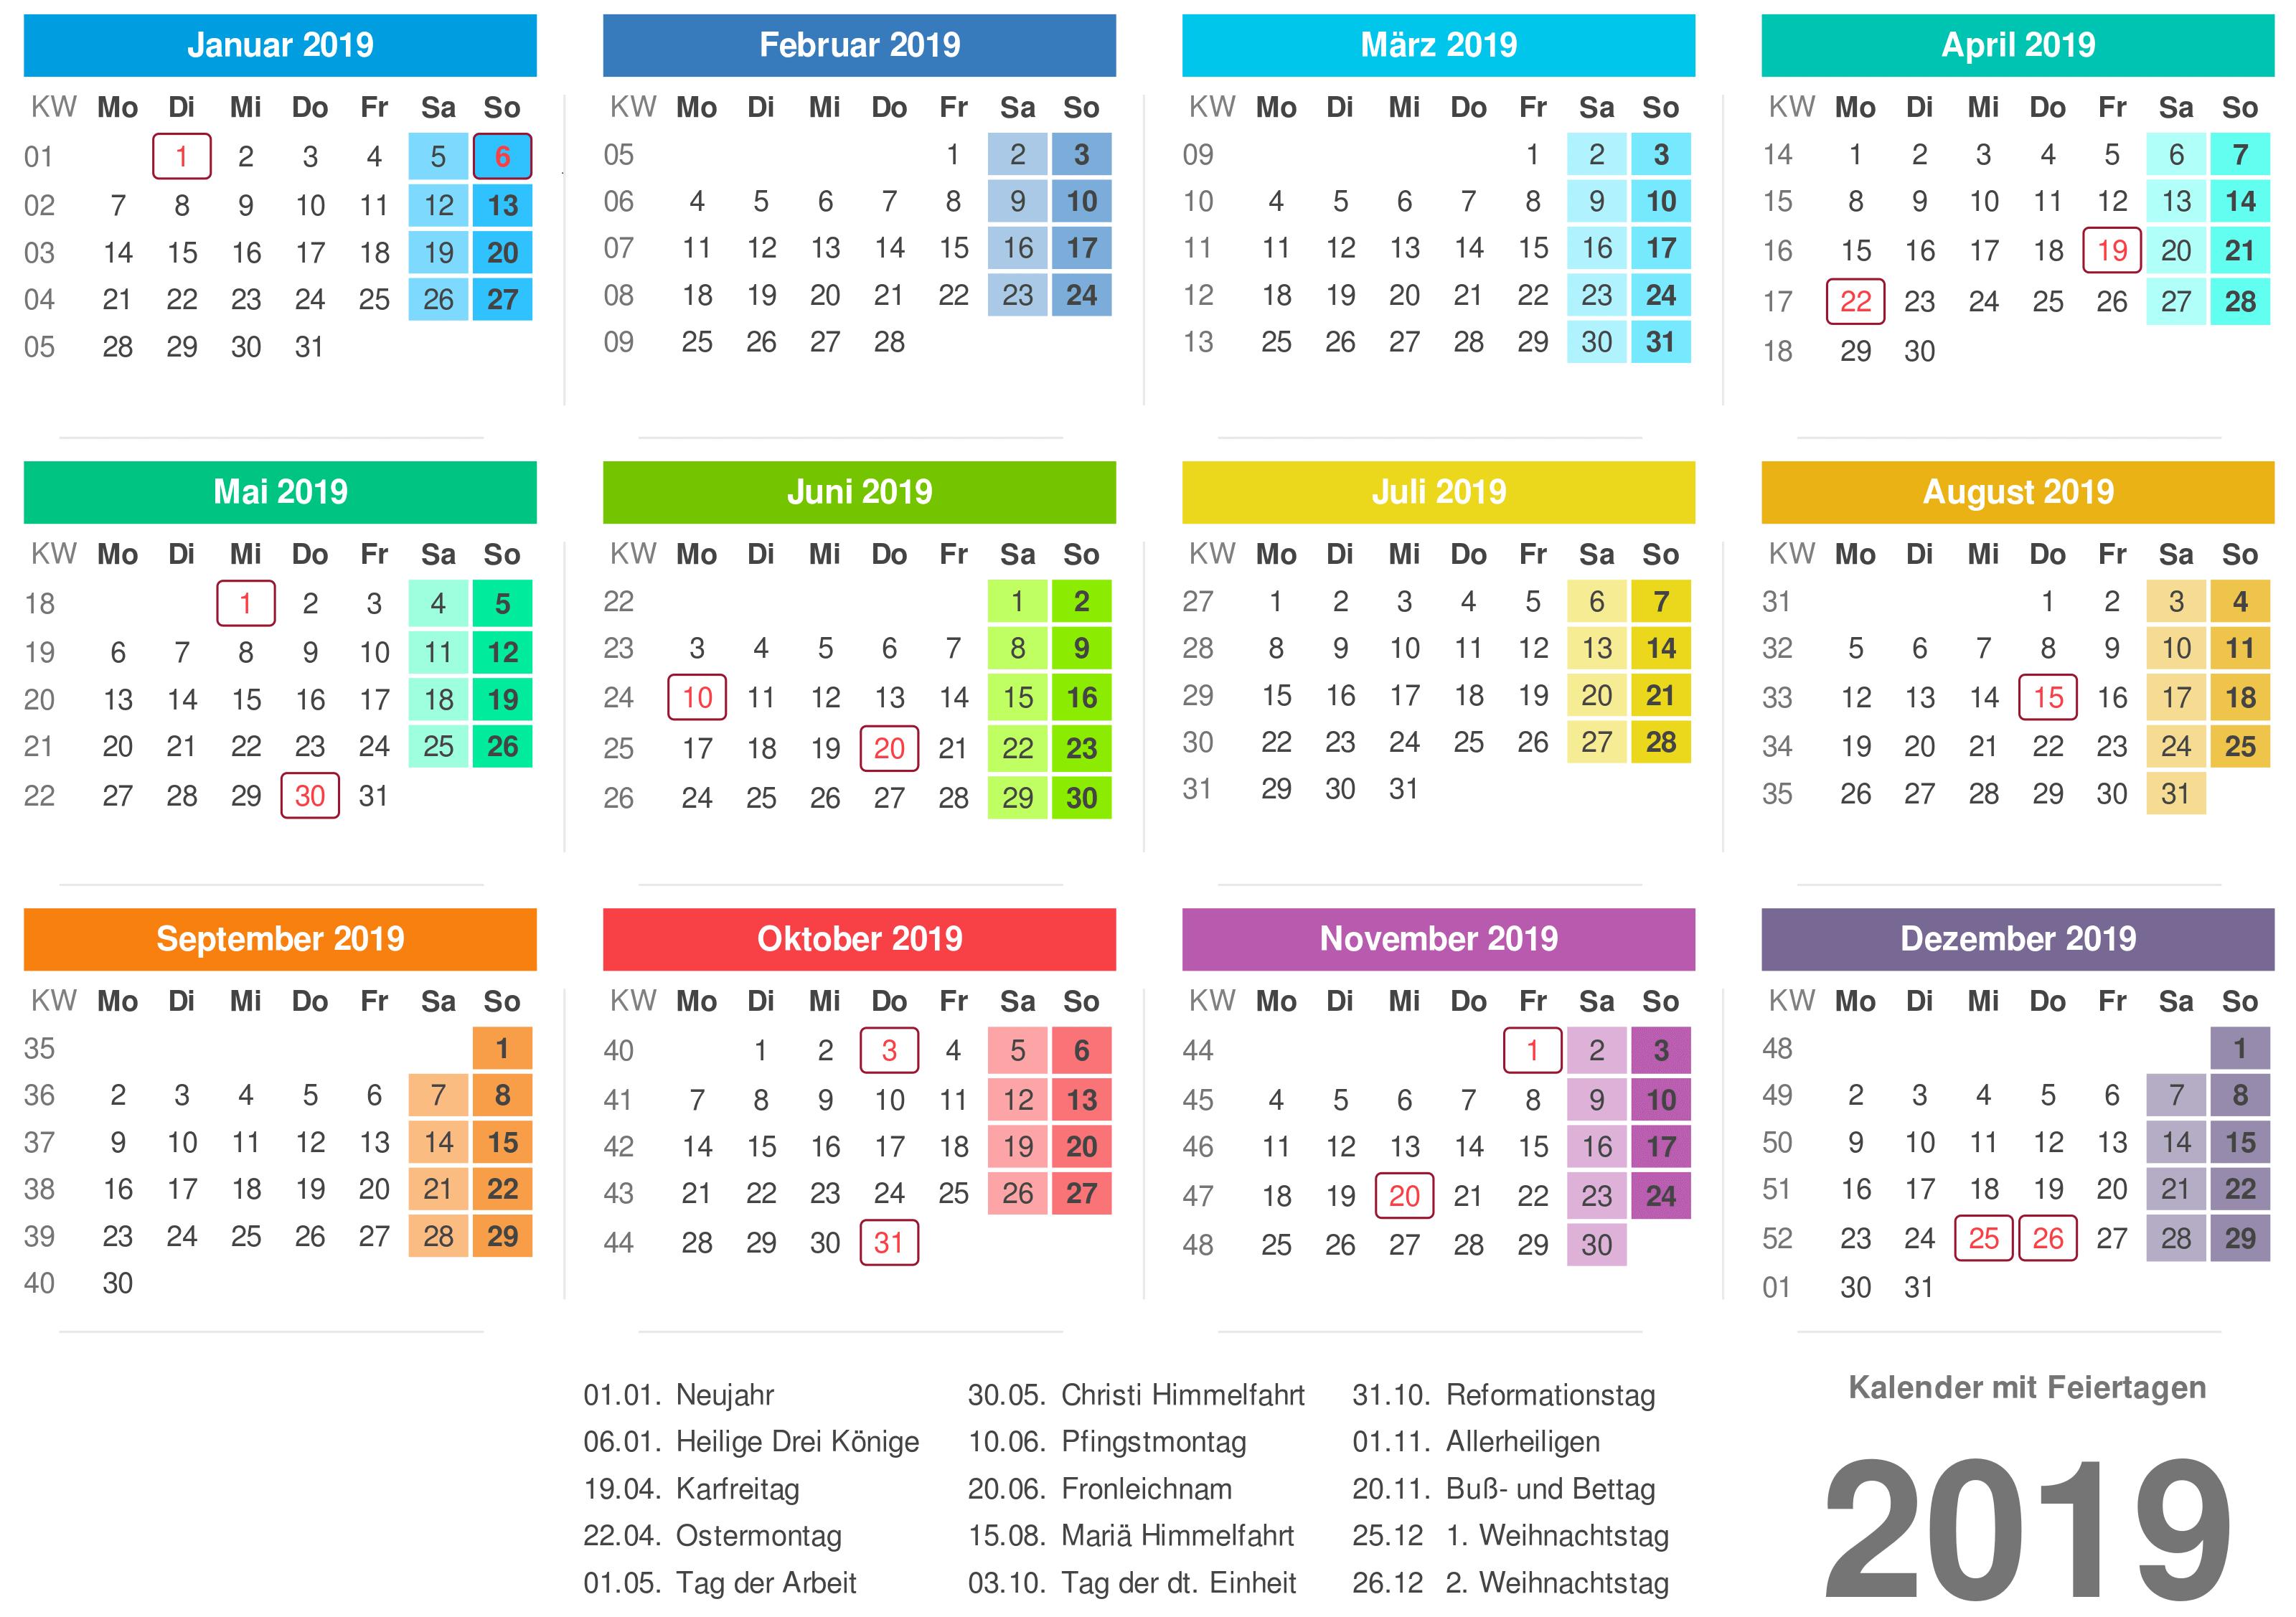 kalender 2019 kostenlose